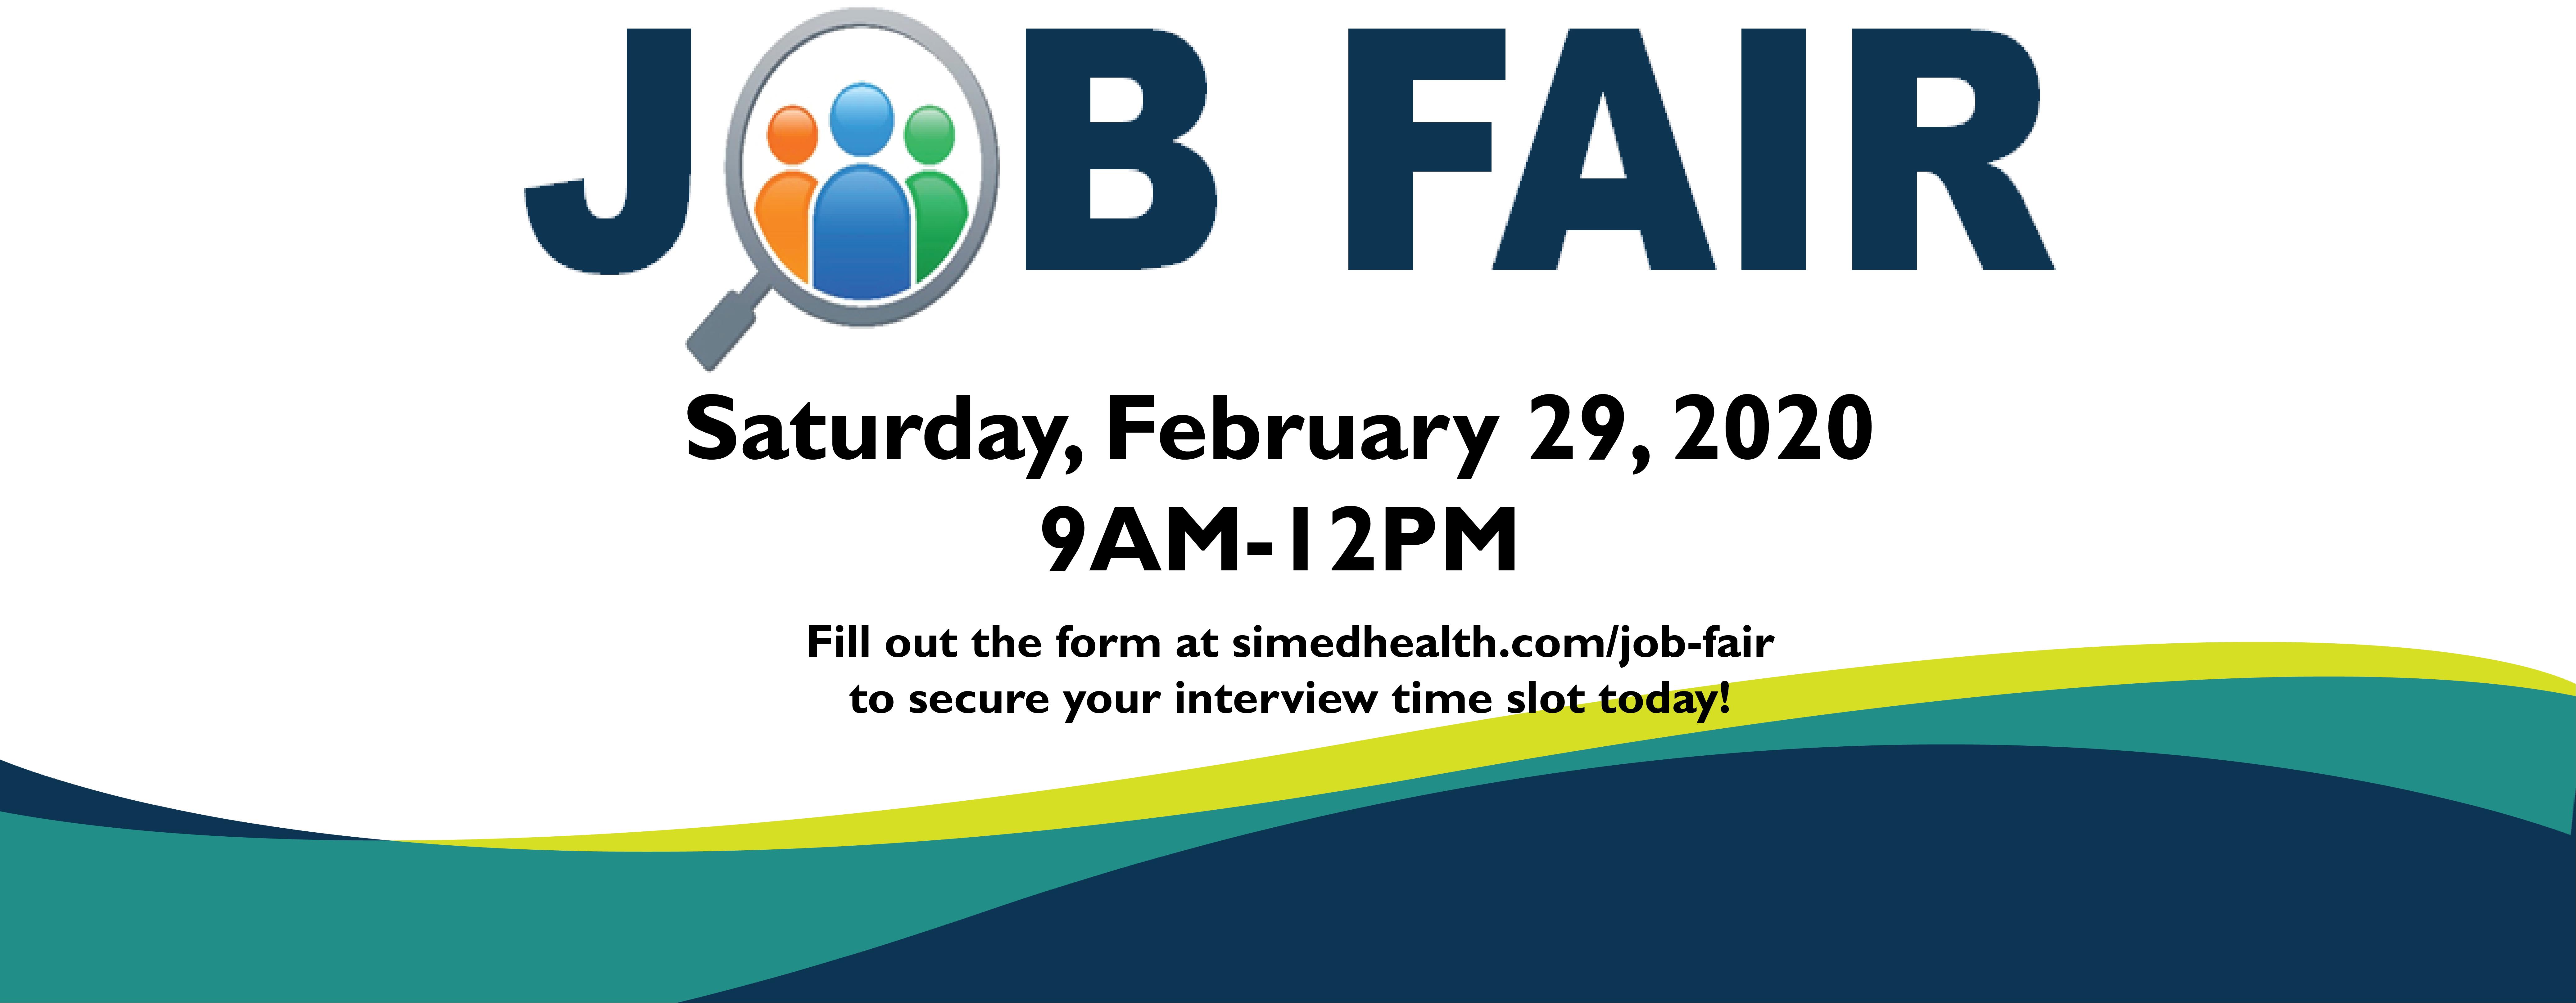 Job Fair banner 2020.png